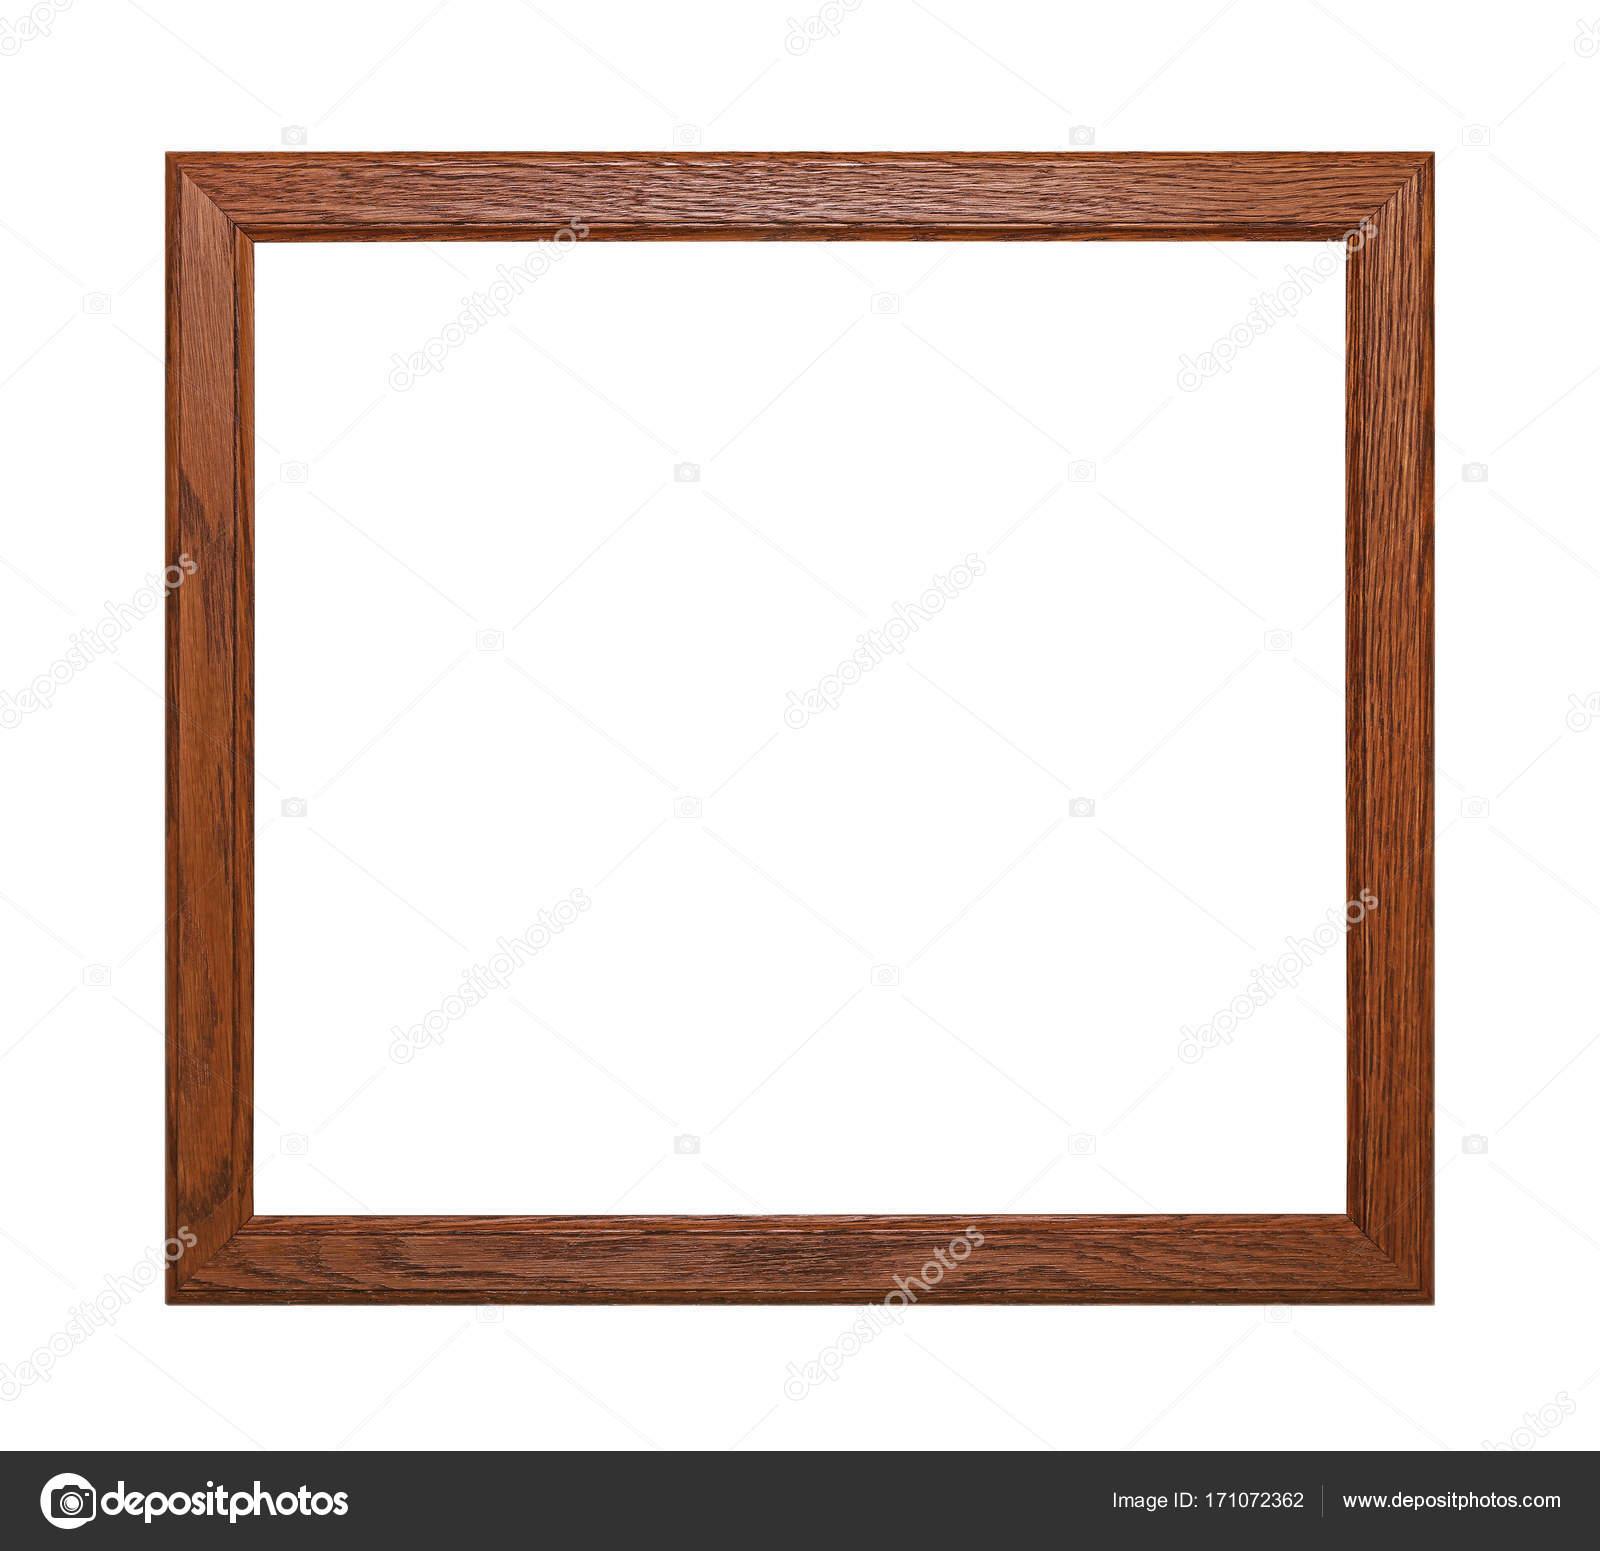 Simple marco de cuadro o foto marrón madera — Fotos de Stock ...